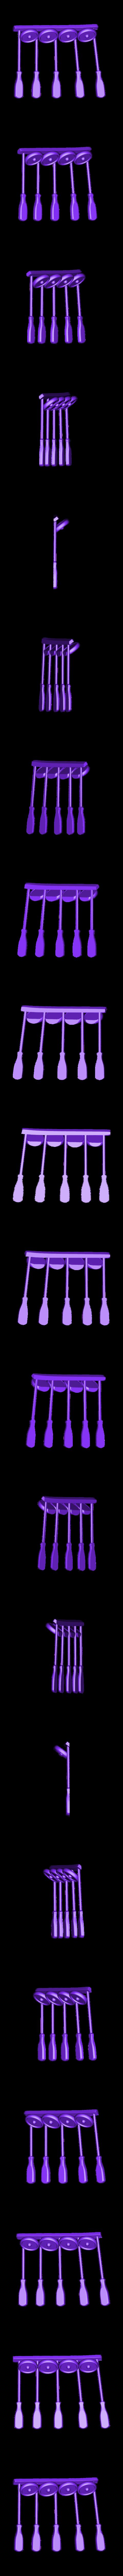 FE_Drakkar_Oars_R1.stl Télécharger fichier STL gratuit The Drakkar • Modèle pour imprimante 3D, JackieMake